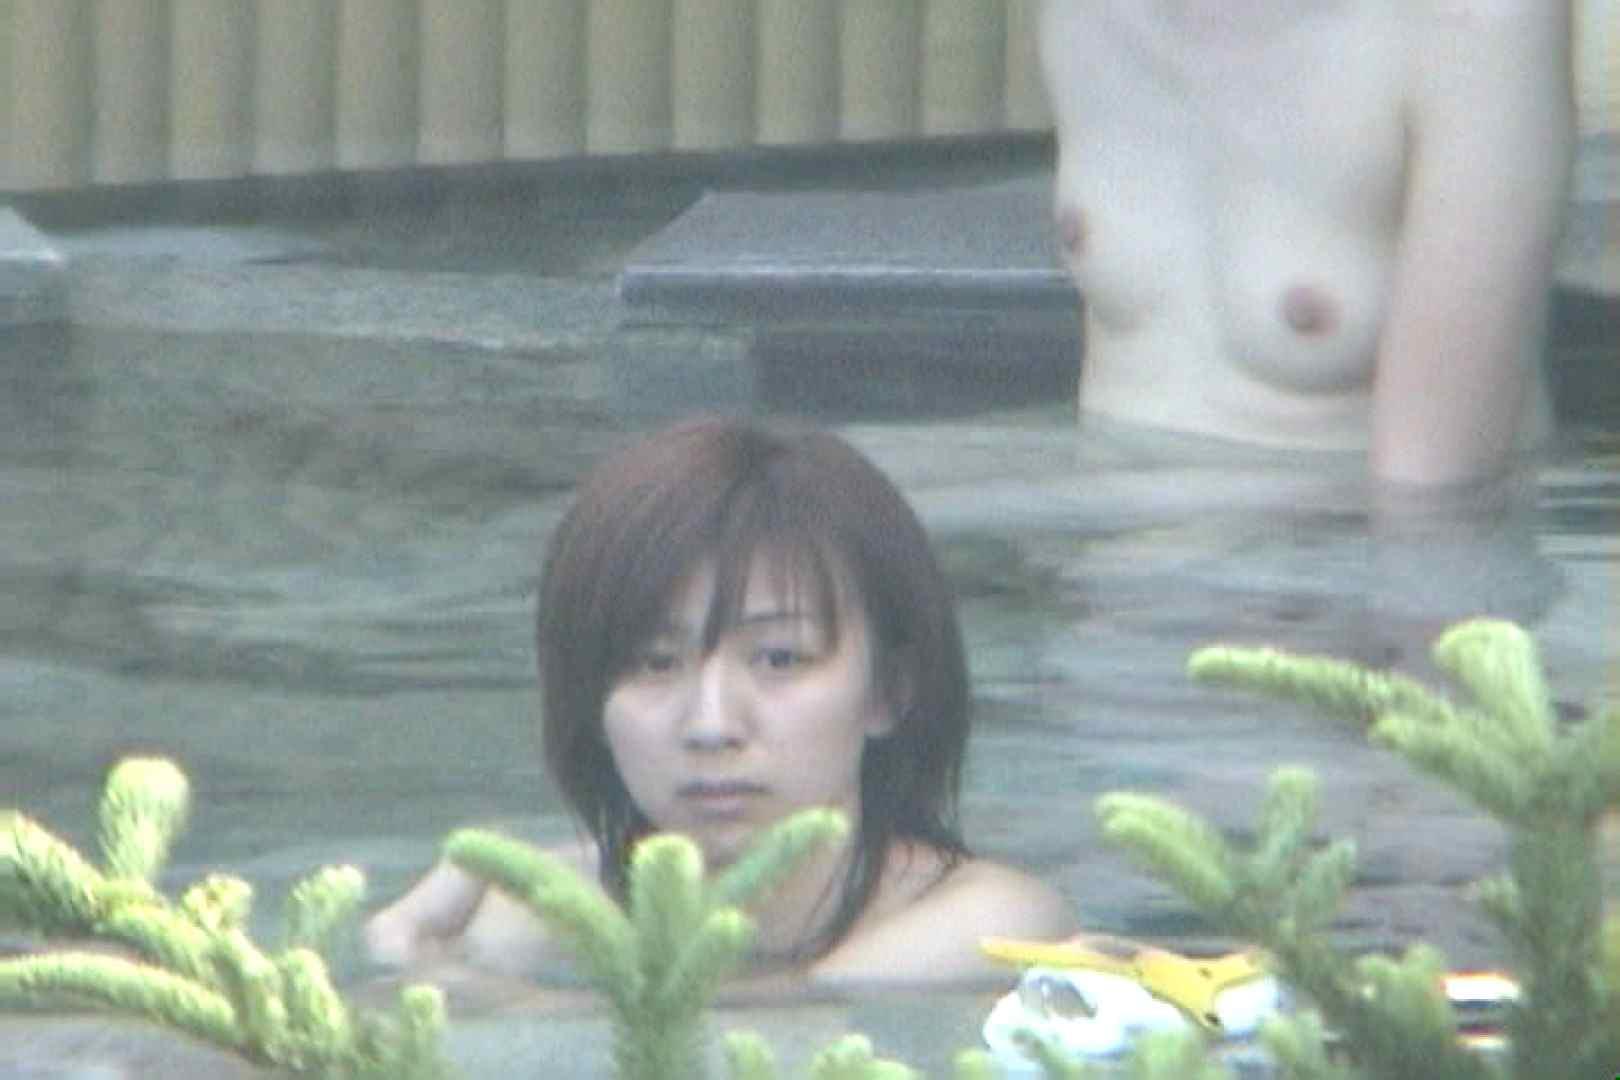 Aquaな露天風呂Vol.77【VIP限定】 盗撮  107画像 75